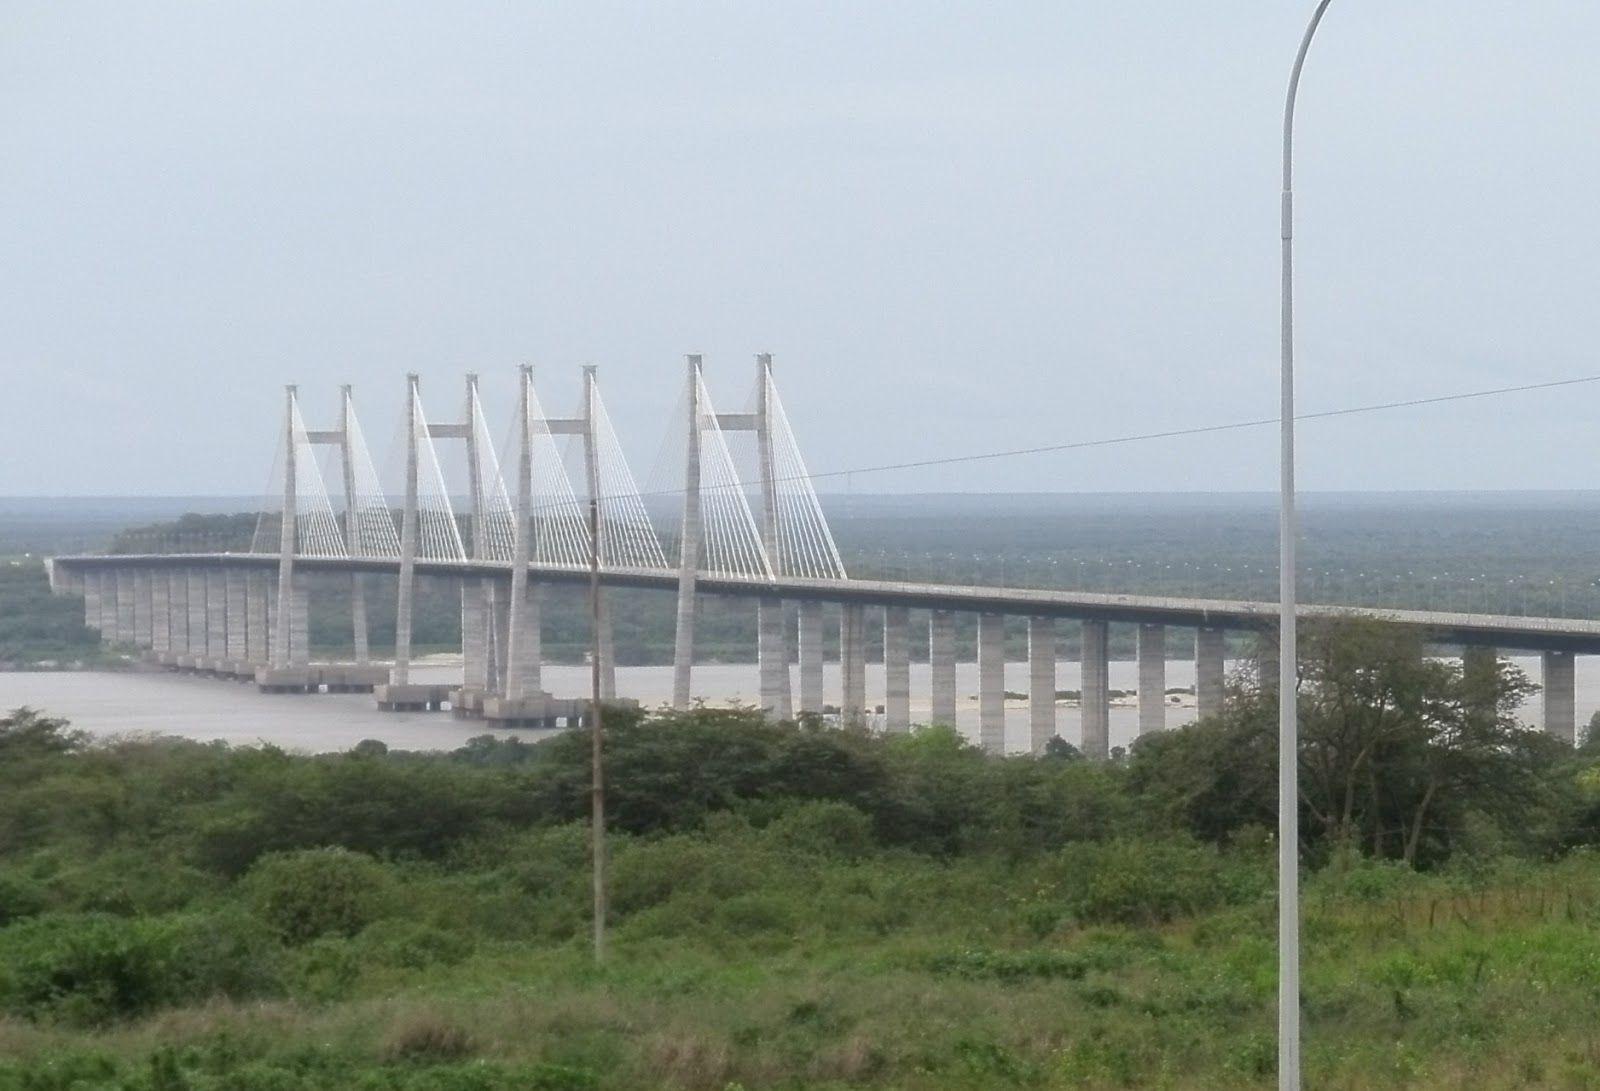 Puente Orinokia (Venezuela).  inaugurado en el año 2006, fue construida cerca de Ciudad Guayana, es un puente atirantado de hormigón y acero. convirtiéndose en la segunda estructura en ser levantada sobre el río Orinoco después del puente de Angostura.   LocalidadCiudad Guayana  Longitud3,156 Km  Ancho24,7 m